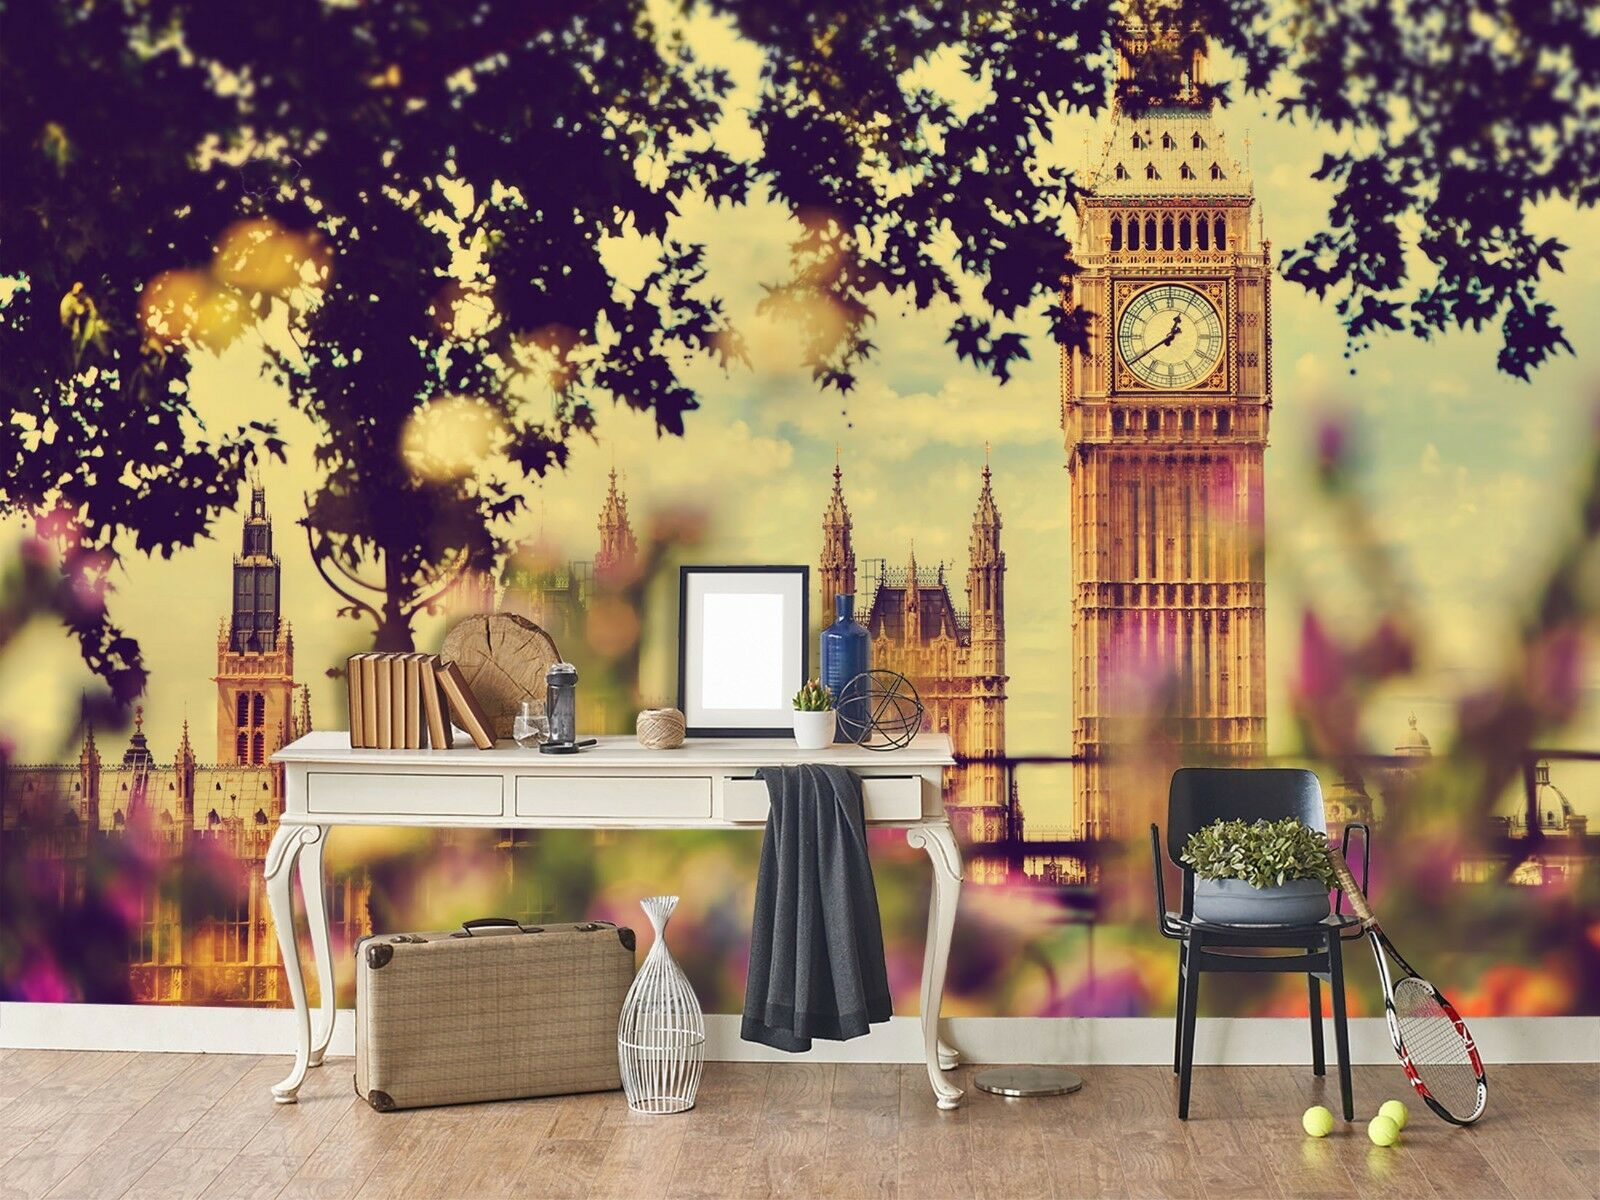 3D Big Ben City 987 Wallpaper Mural Paper Wall Print Indoor Murals CA Summer